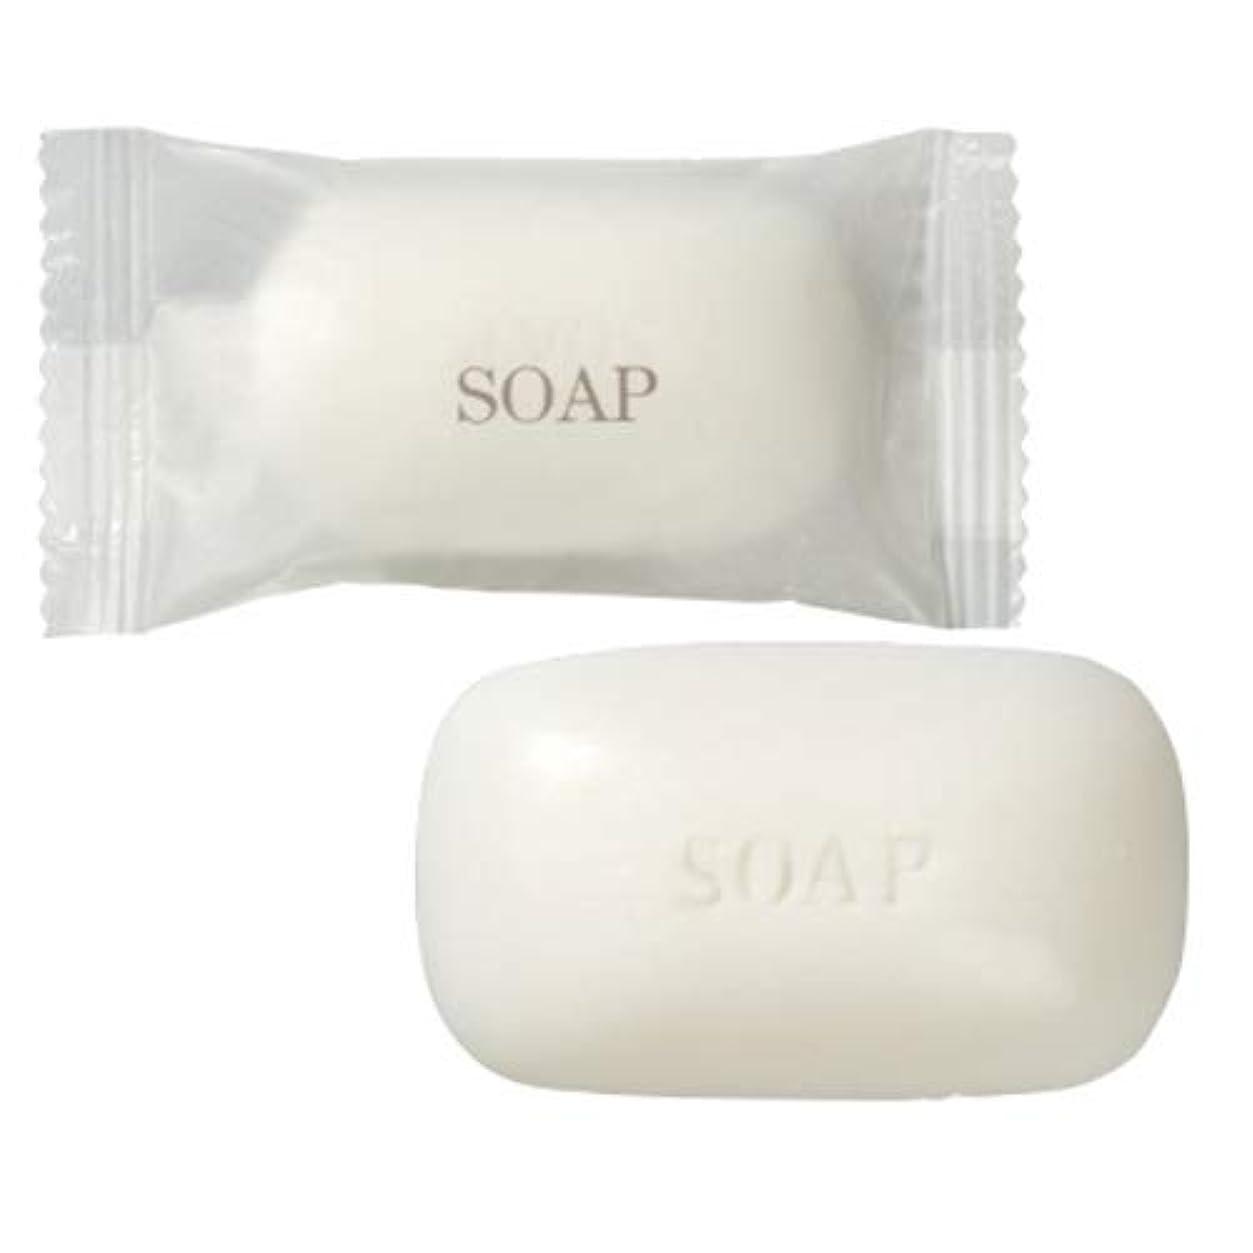 冒険者悲惨な予想する業務用 フィードソープ(FEED SOAP) マット袋(M袋) 15g ×100個 | ホテルアメニティ 個包装